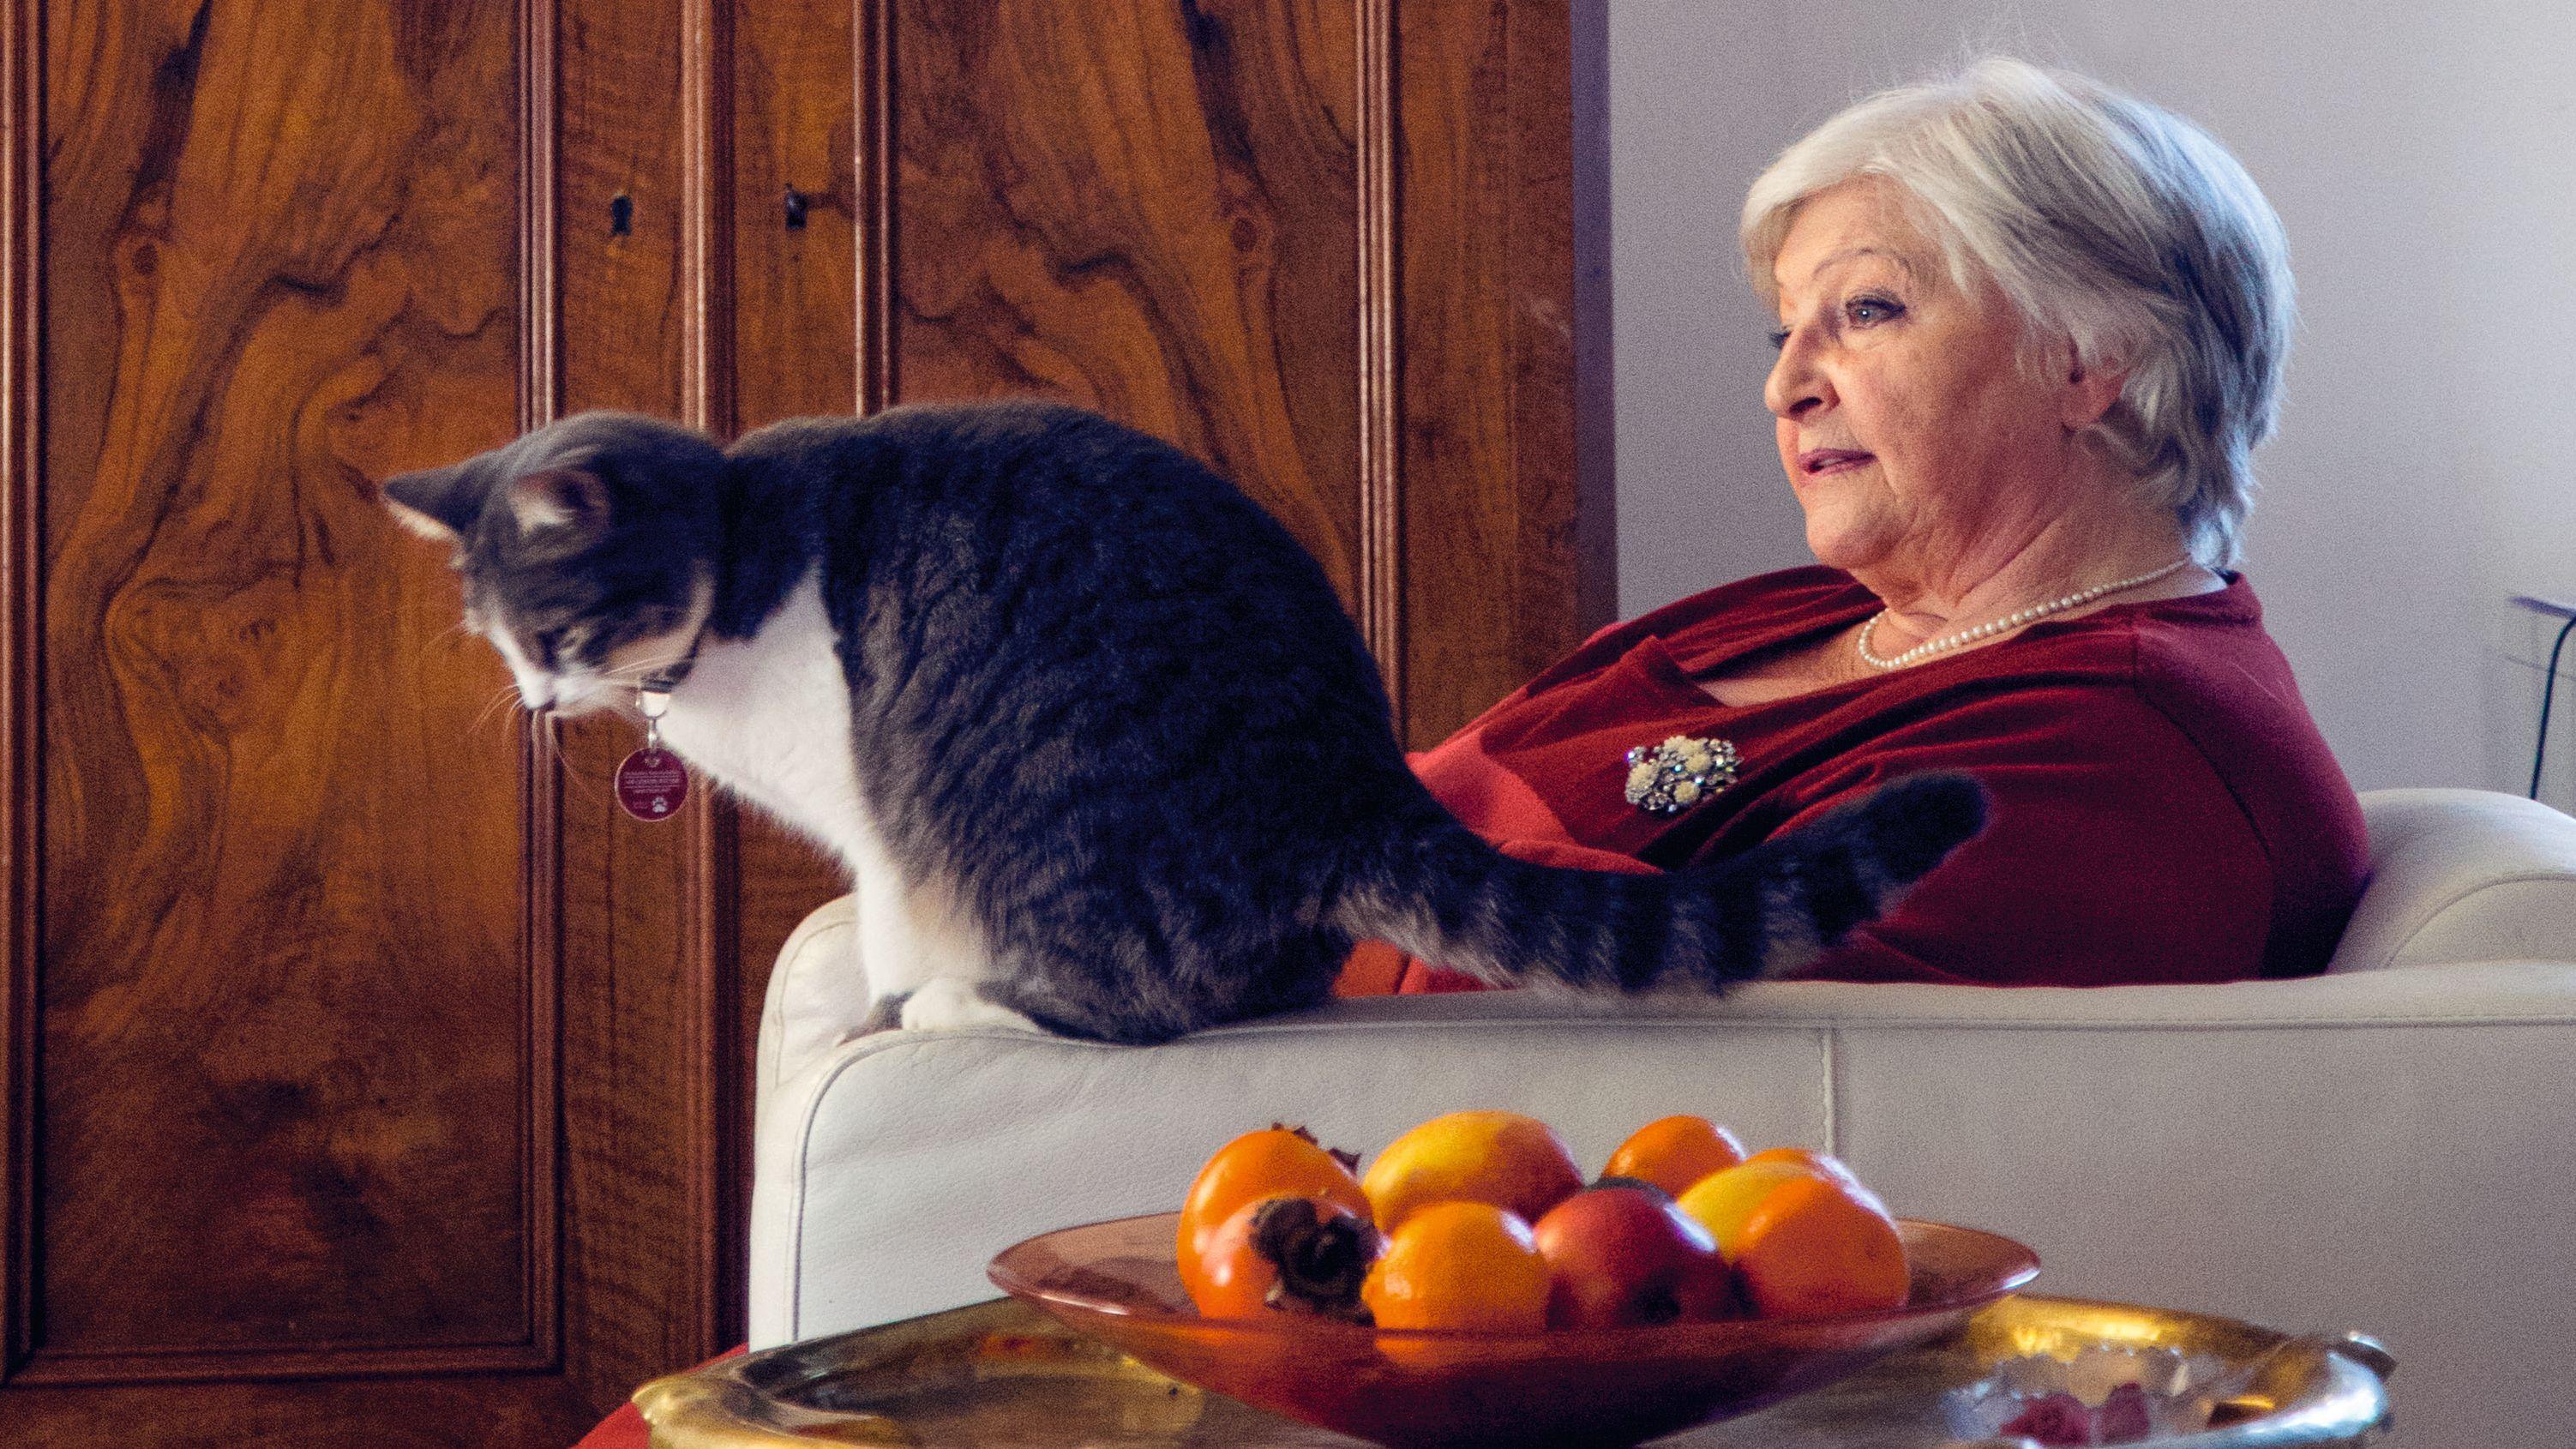 Eine ältere Frau sitzt in einem Sessel, auf der Lehne ist eine Katze.